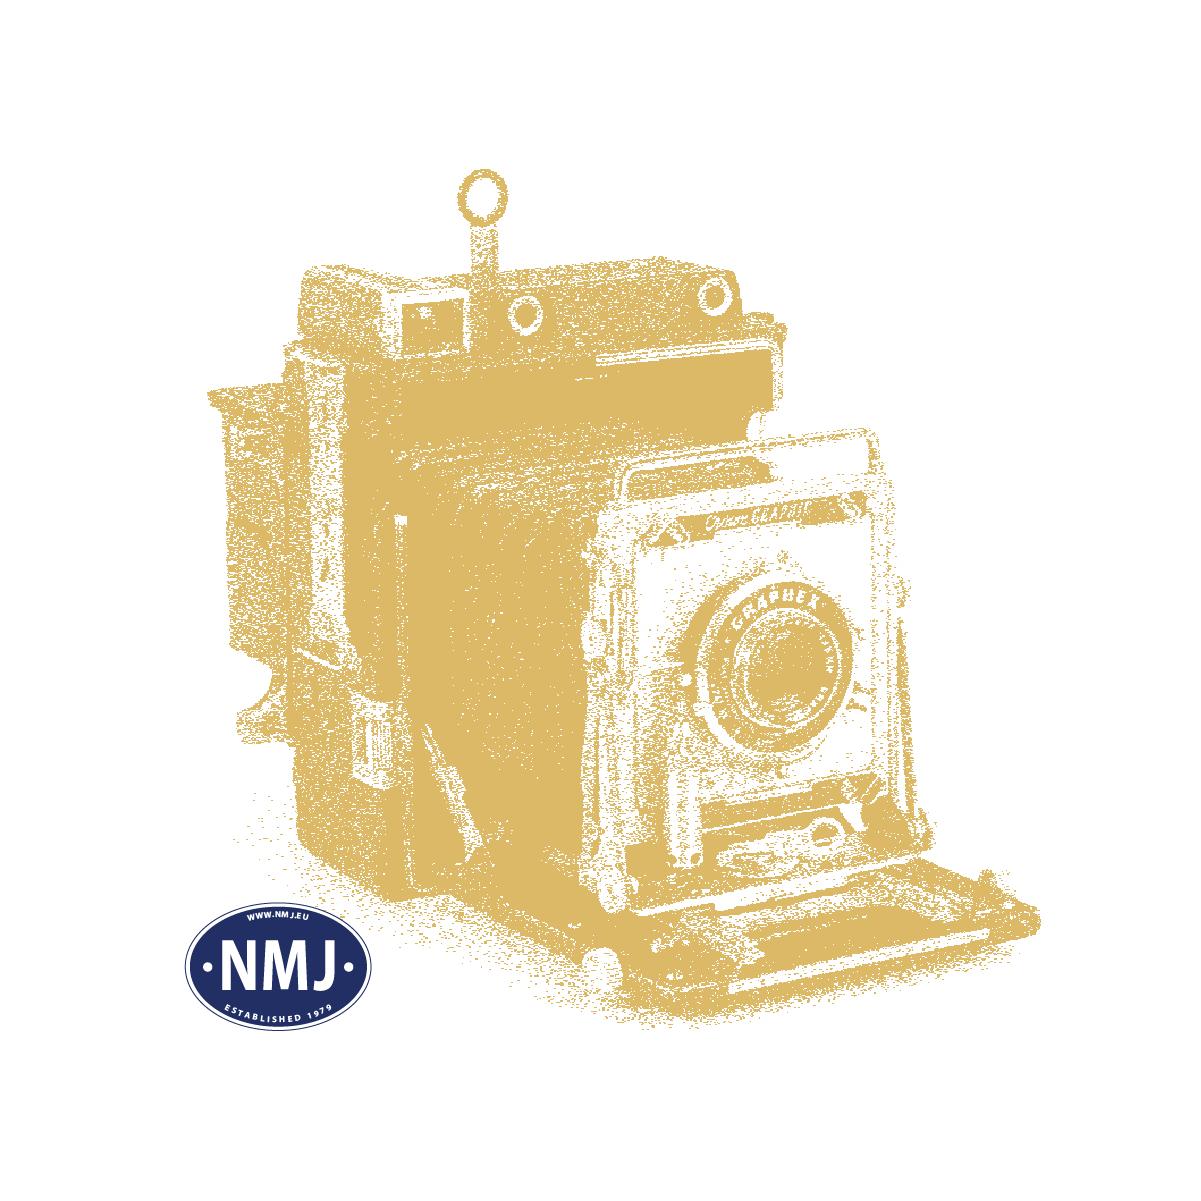 MIN717-22 - Gresstuster, Kort utgave, Sommer, Stor Pakke